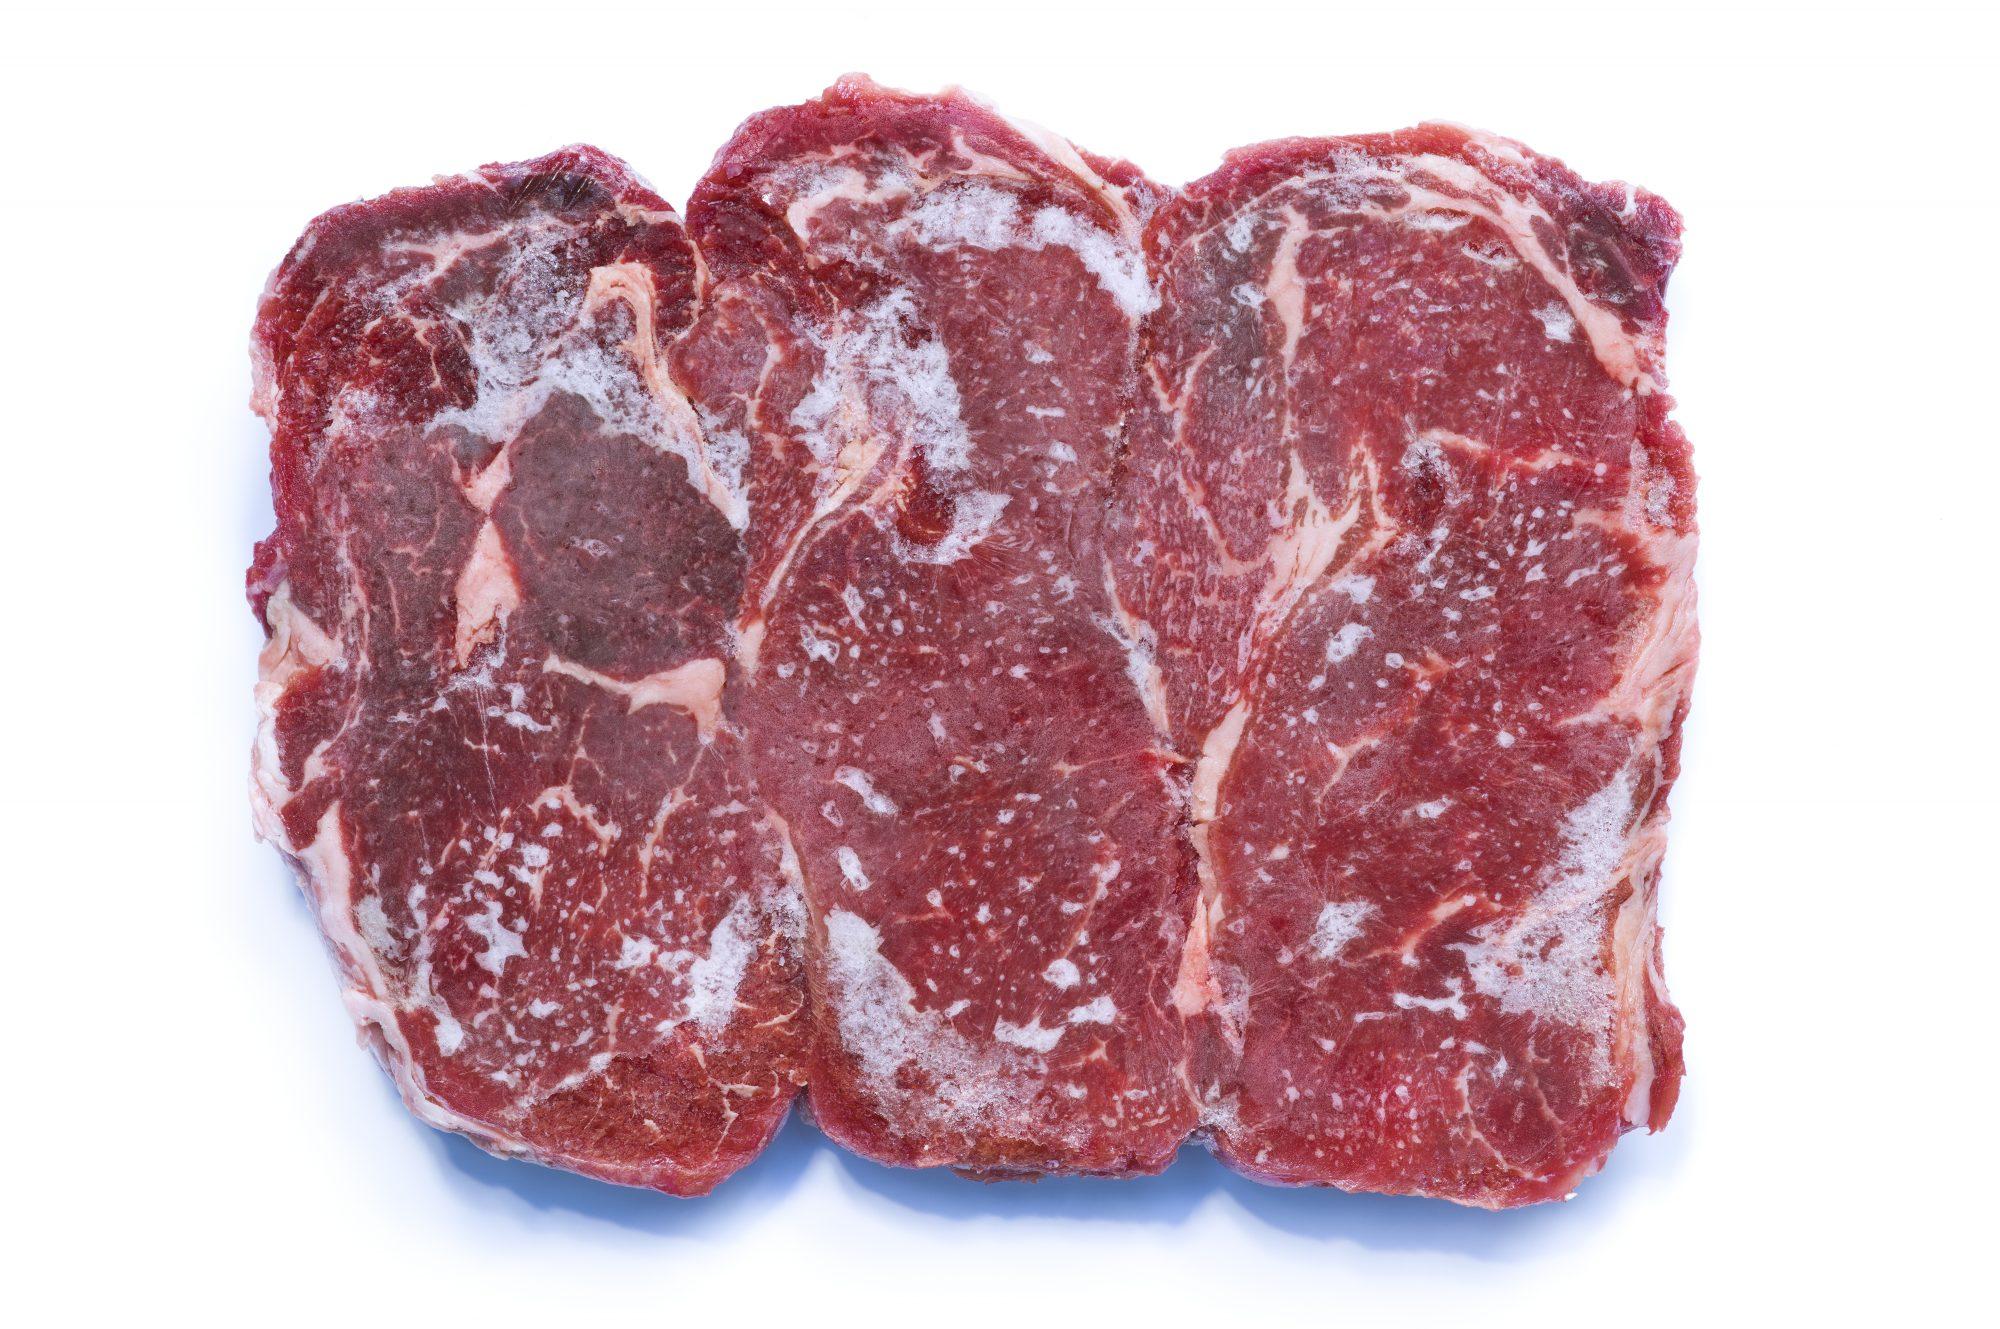 getty-frozen-meat-image